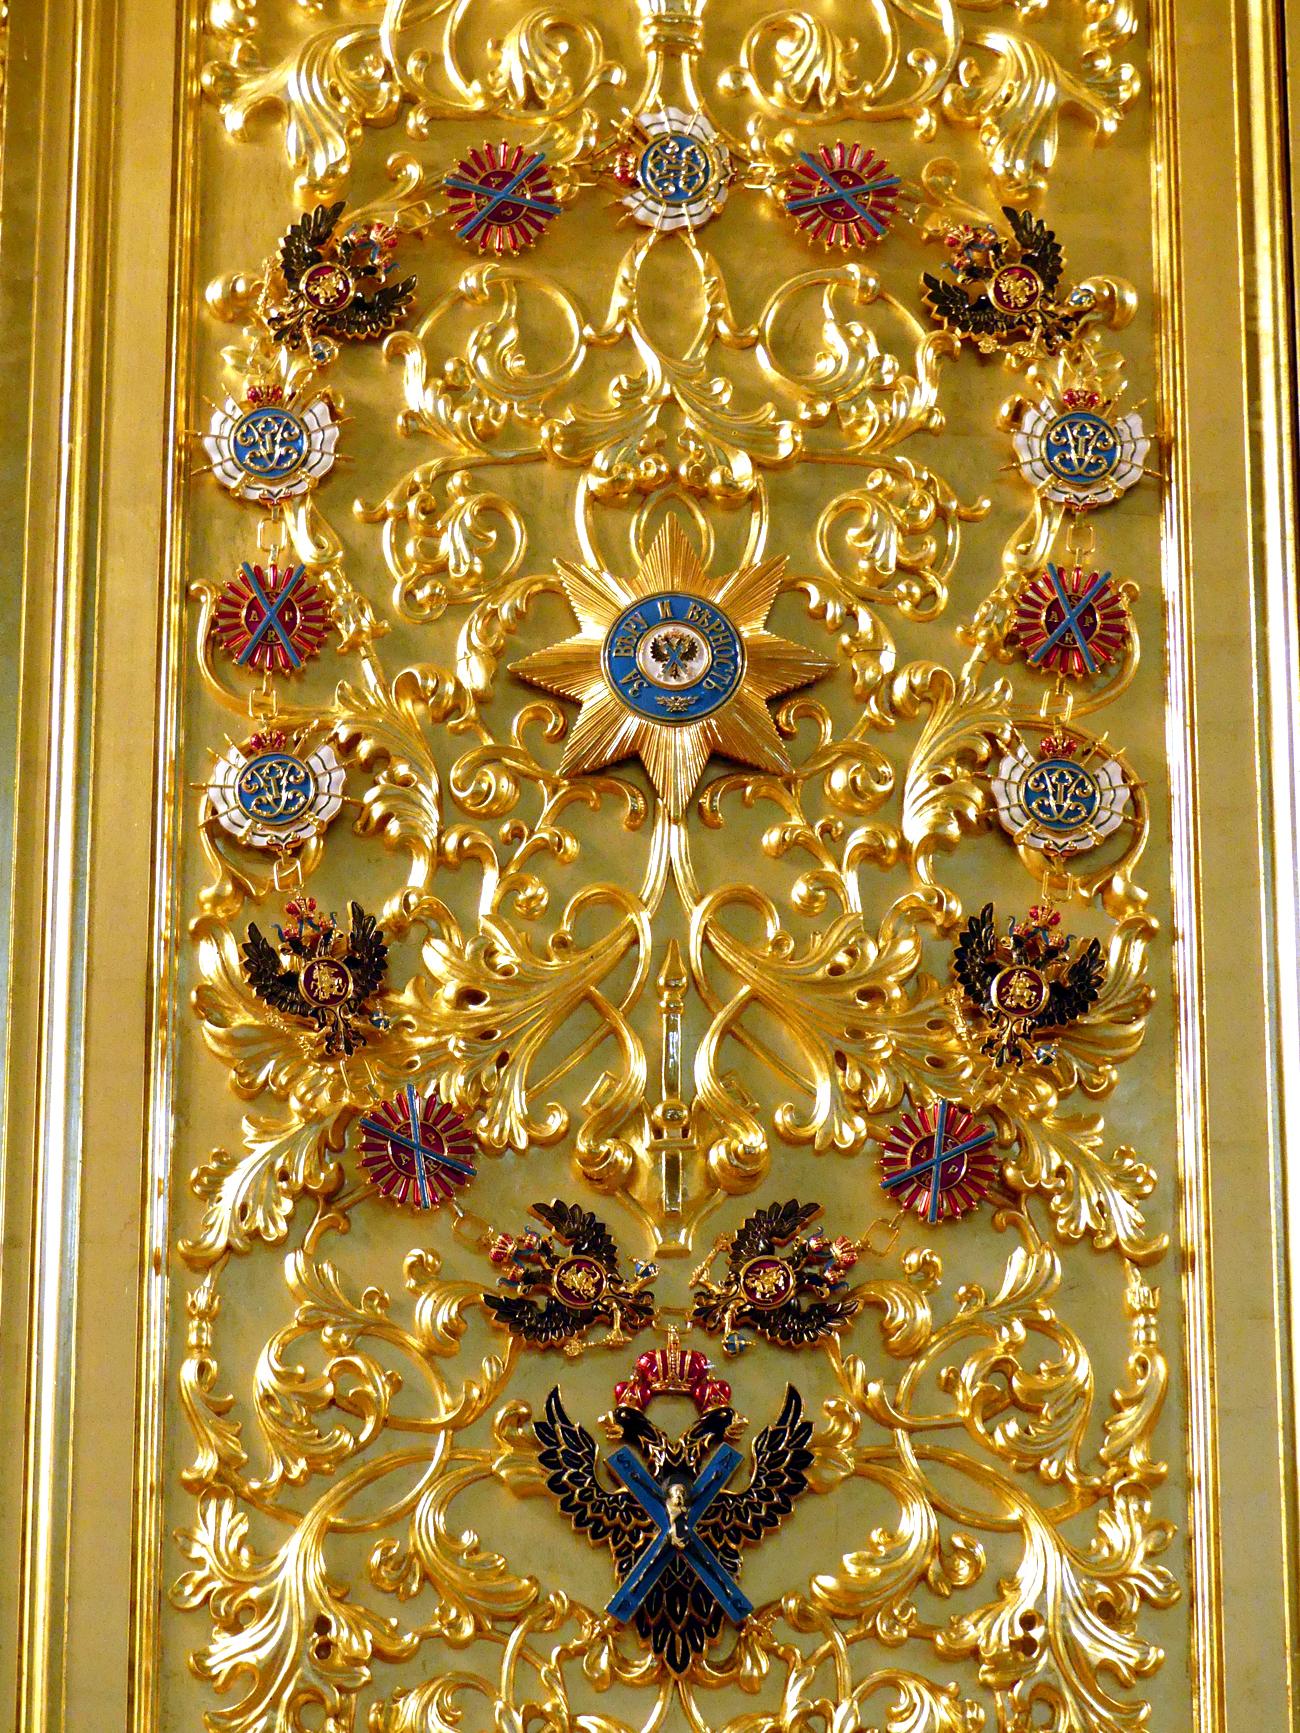 """Os apartamentos do tsar são uma série de aposentos modestos com interiores típicos da Rússia antiga. A ideia principal desses quartos era se manter aquecido. No refeitório há uma lareira; sobre os bancos colocados ao longo das paredes, os boiardos sentavam-se à espera de uma audiência com o governante. O tsar os reunia no salão da Duma, que, etimologicamente, vem do verbo """"dumat"""" (pensar, em português). O espaço do tsar se encontra na sala seguinte, decorada com suas cores – roxo e negro – e vários símbolos de poder, como a águia de duas cabeças e leão."""